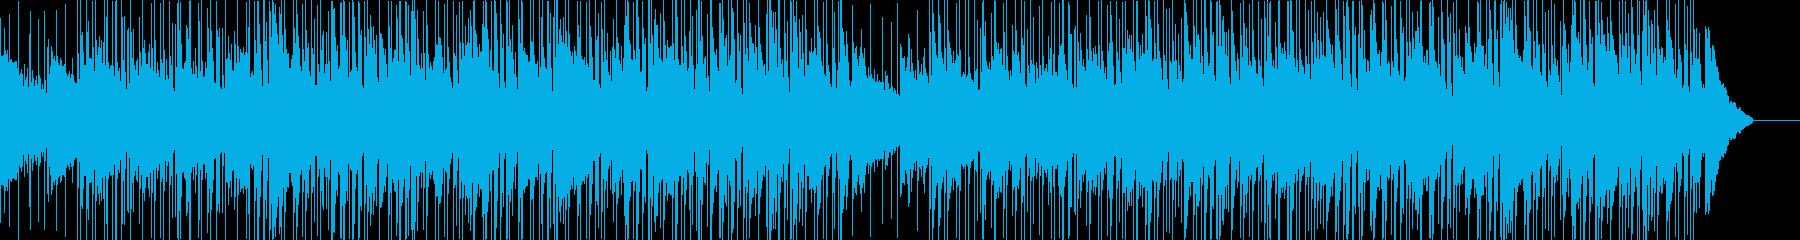 シンプルでクリーンな印象の解説向けBGMの再生済みの波形